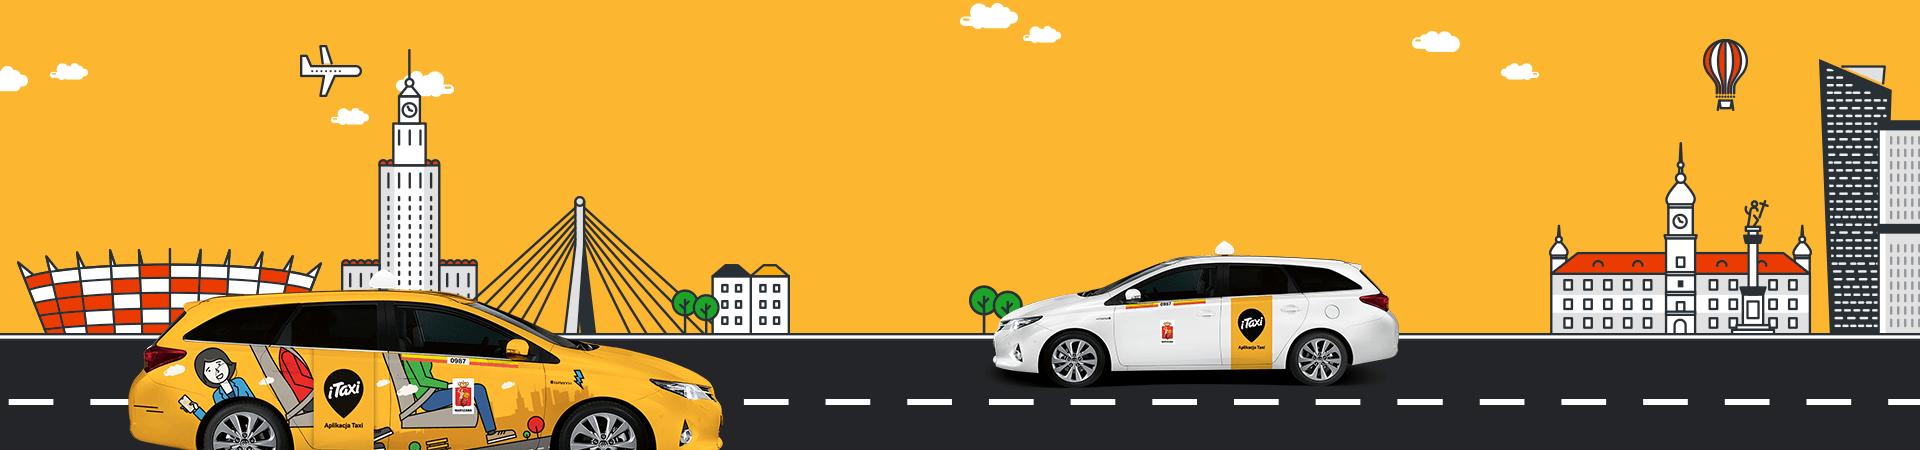 Taxi Warszawa - Zamów taksówkę w aplikacji online i podróżuj ...